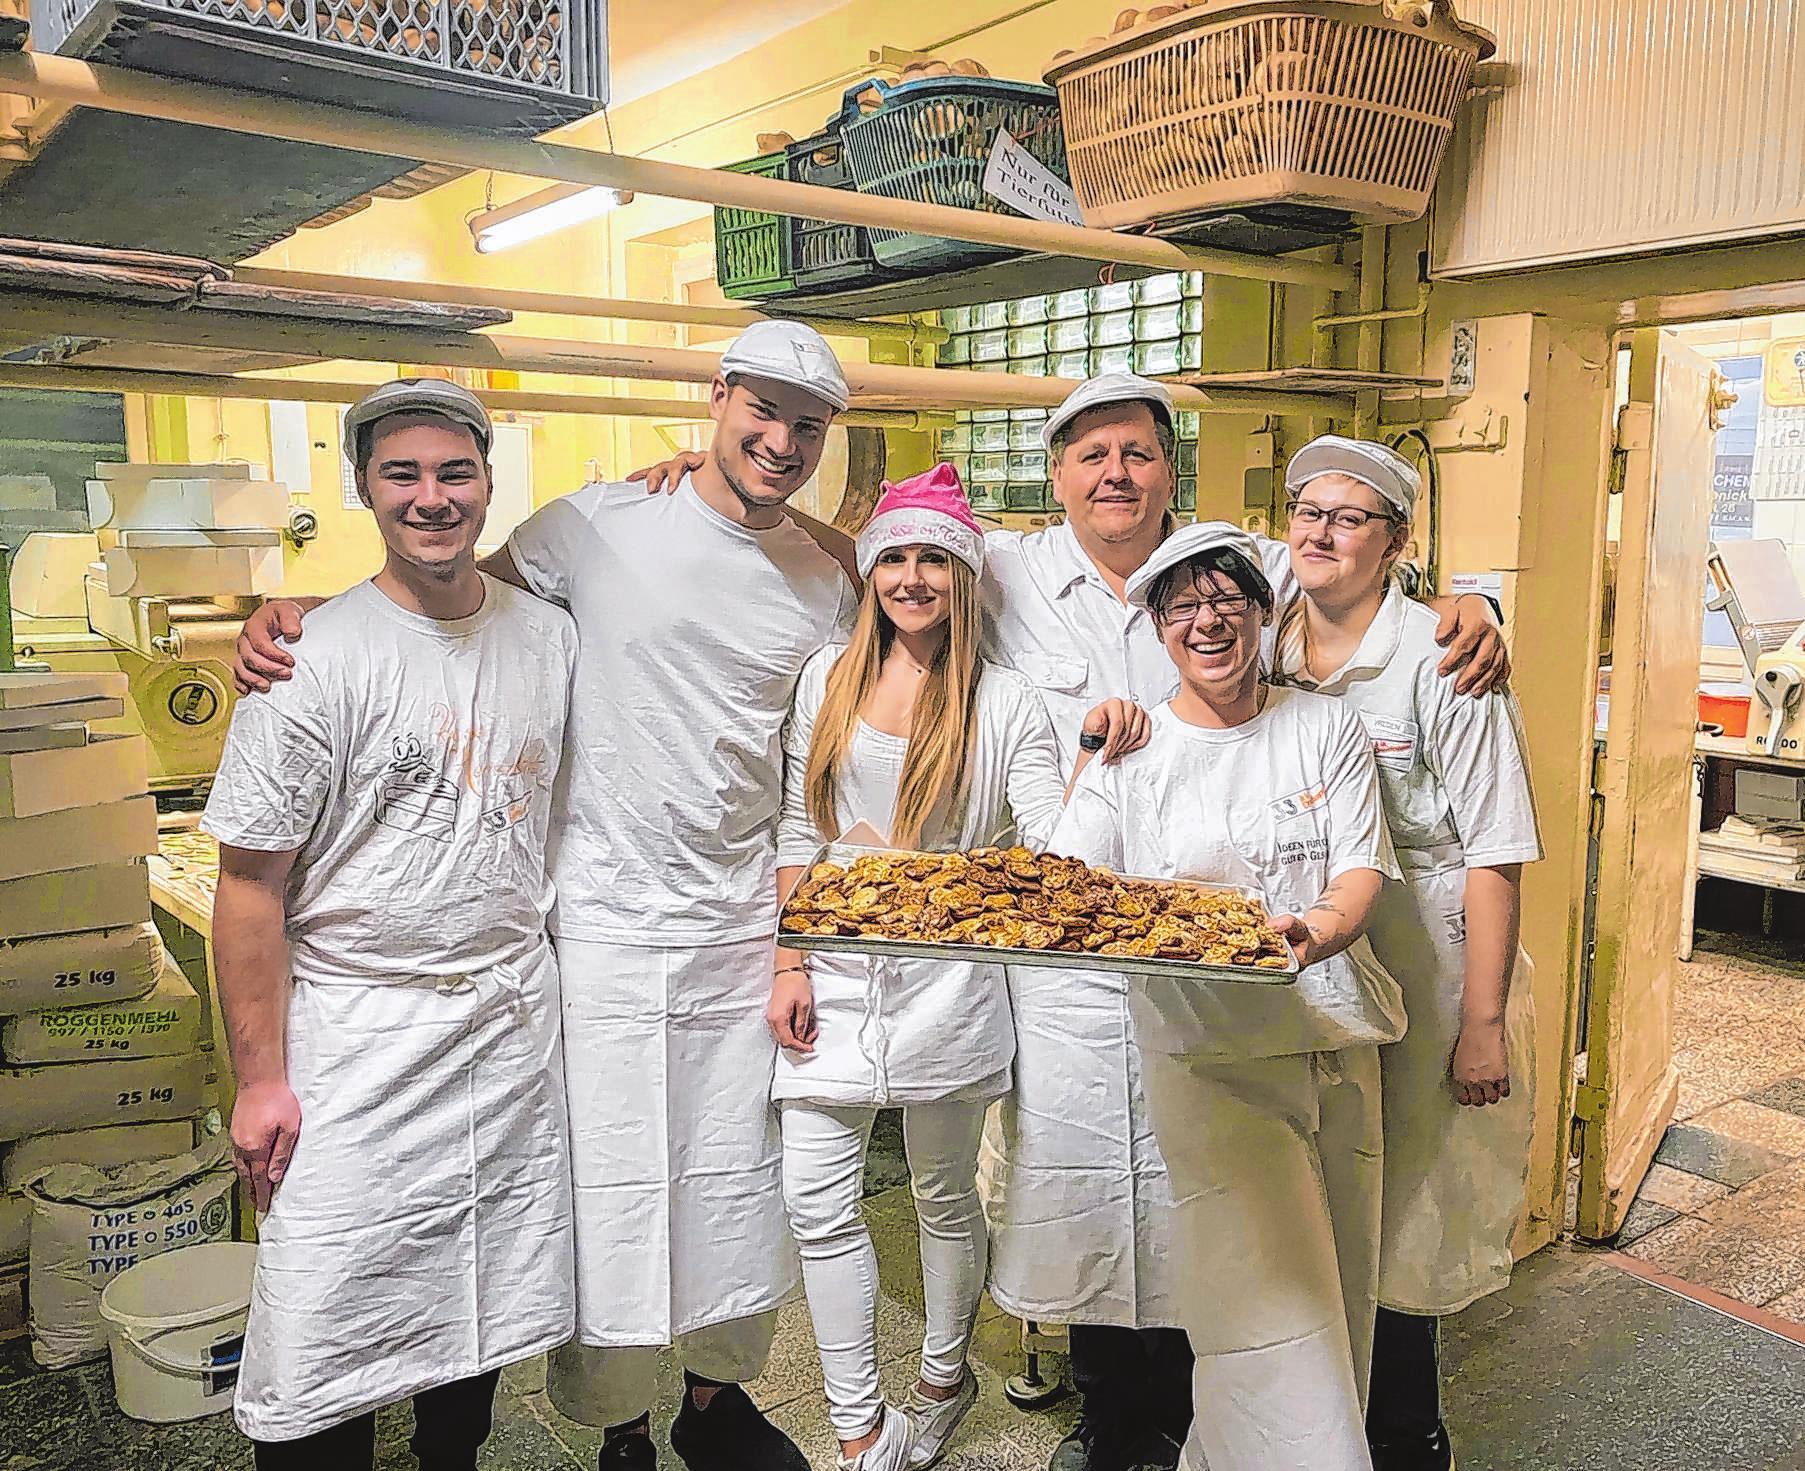 Die ganze Familie bäckt zusammen Kekse in der Bäckerei eines Freundes. Von links: Bruder Dennis, Freund Marius, Pamela, Papa Stephan, Mama Sabine und Schwester Samanta Jülke.